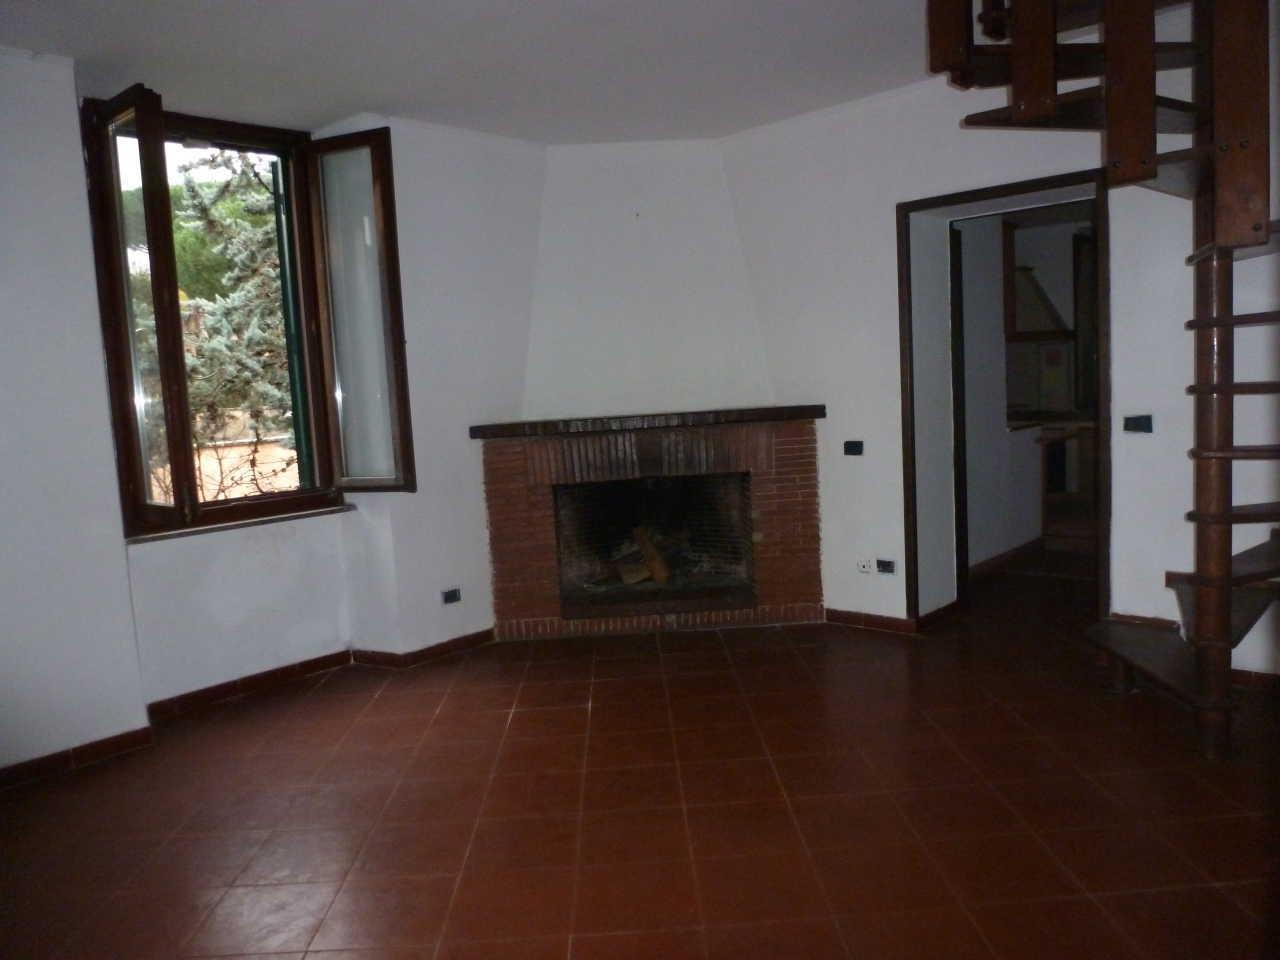 Appartamento in vendita a Grottaferrata, 5 locali, prezzo € 199.000 | CambioCasa.it